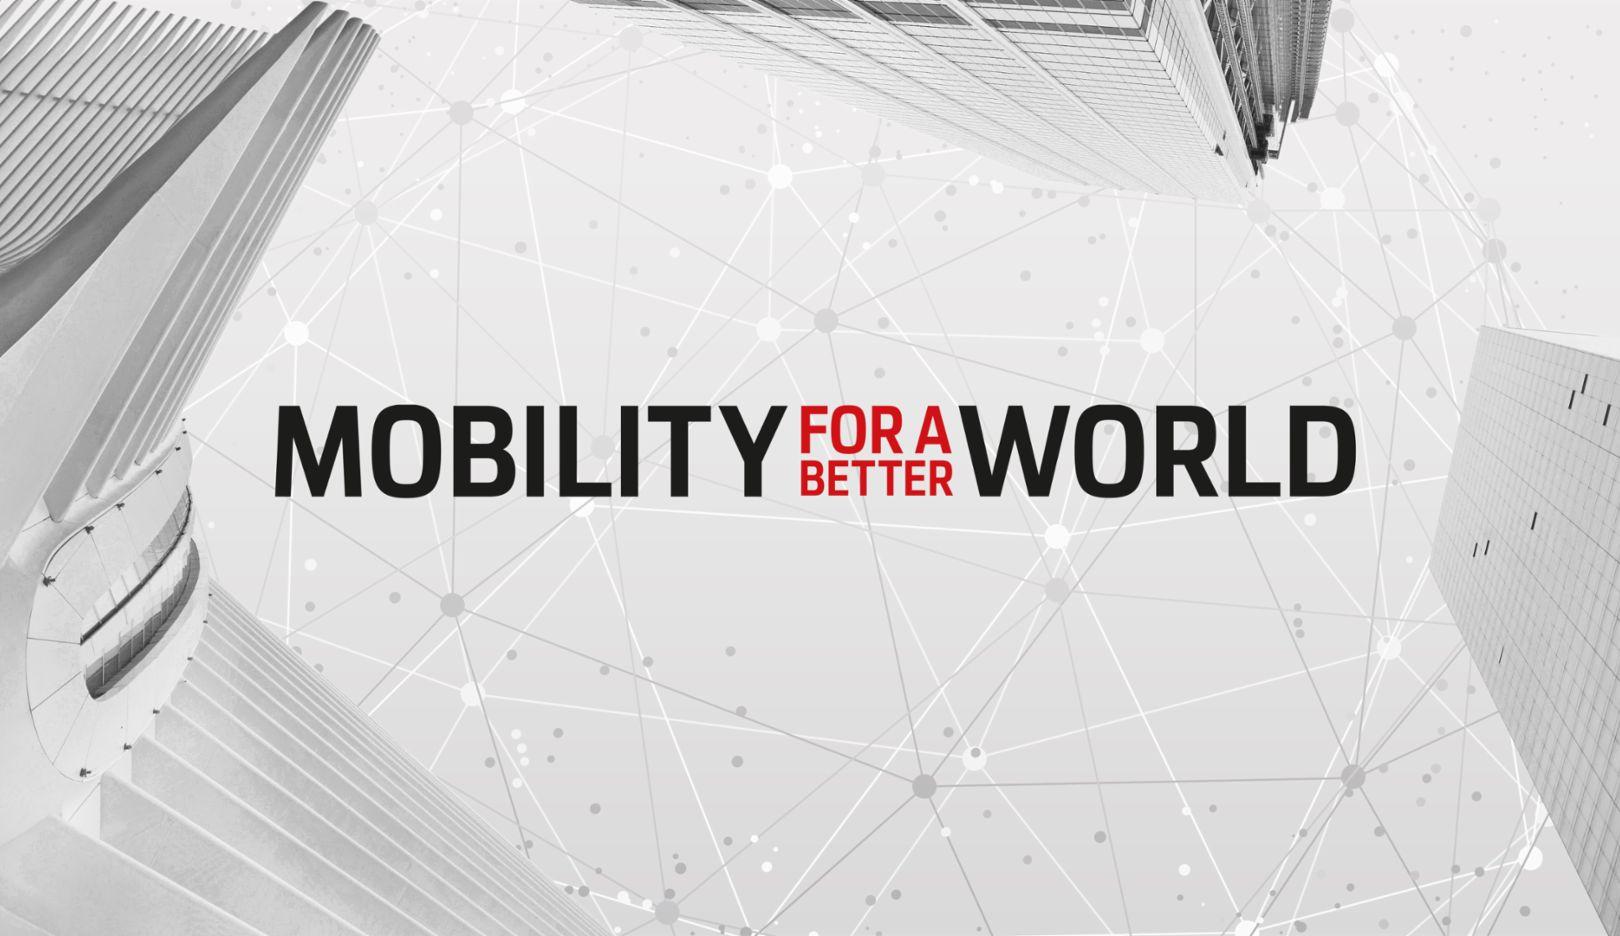 """Ideenwettbewerb für nachhaltige Mobilität  """"Mobility for a better world"""", 2019, Porsche AG"""